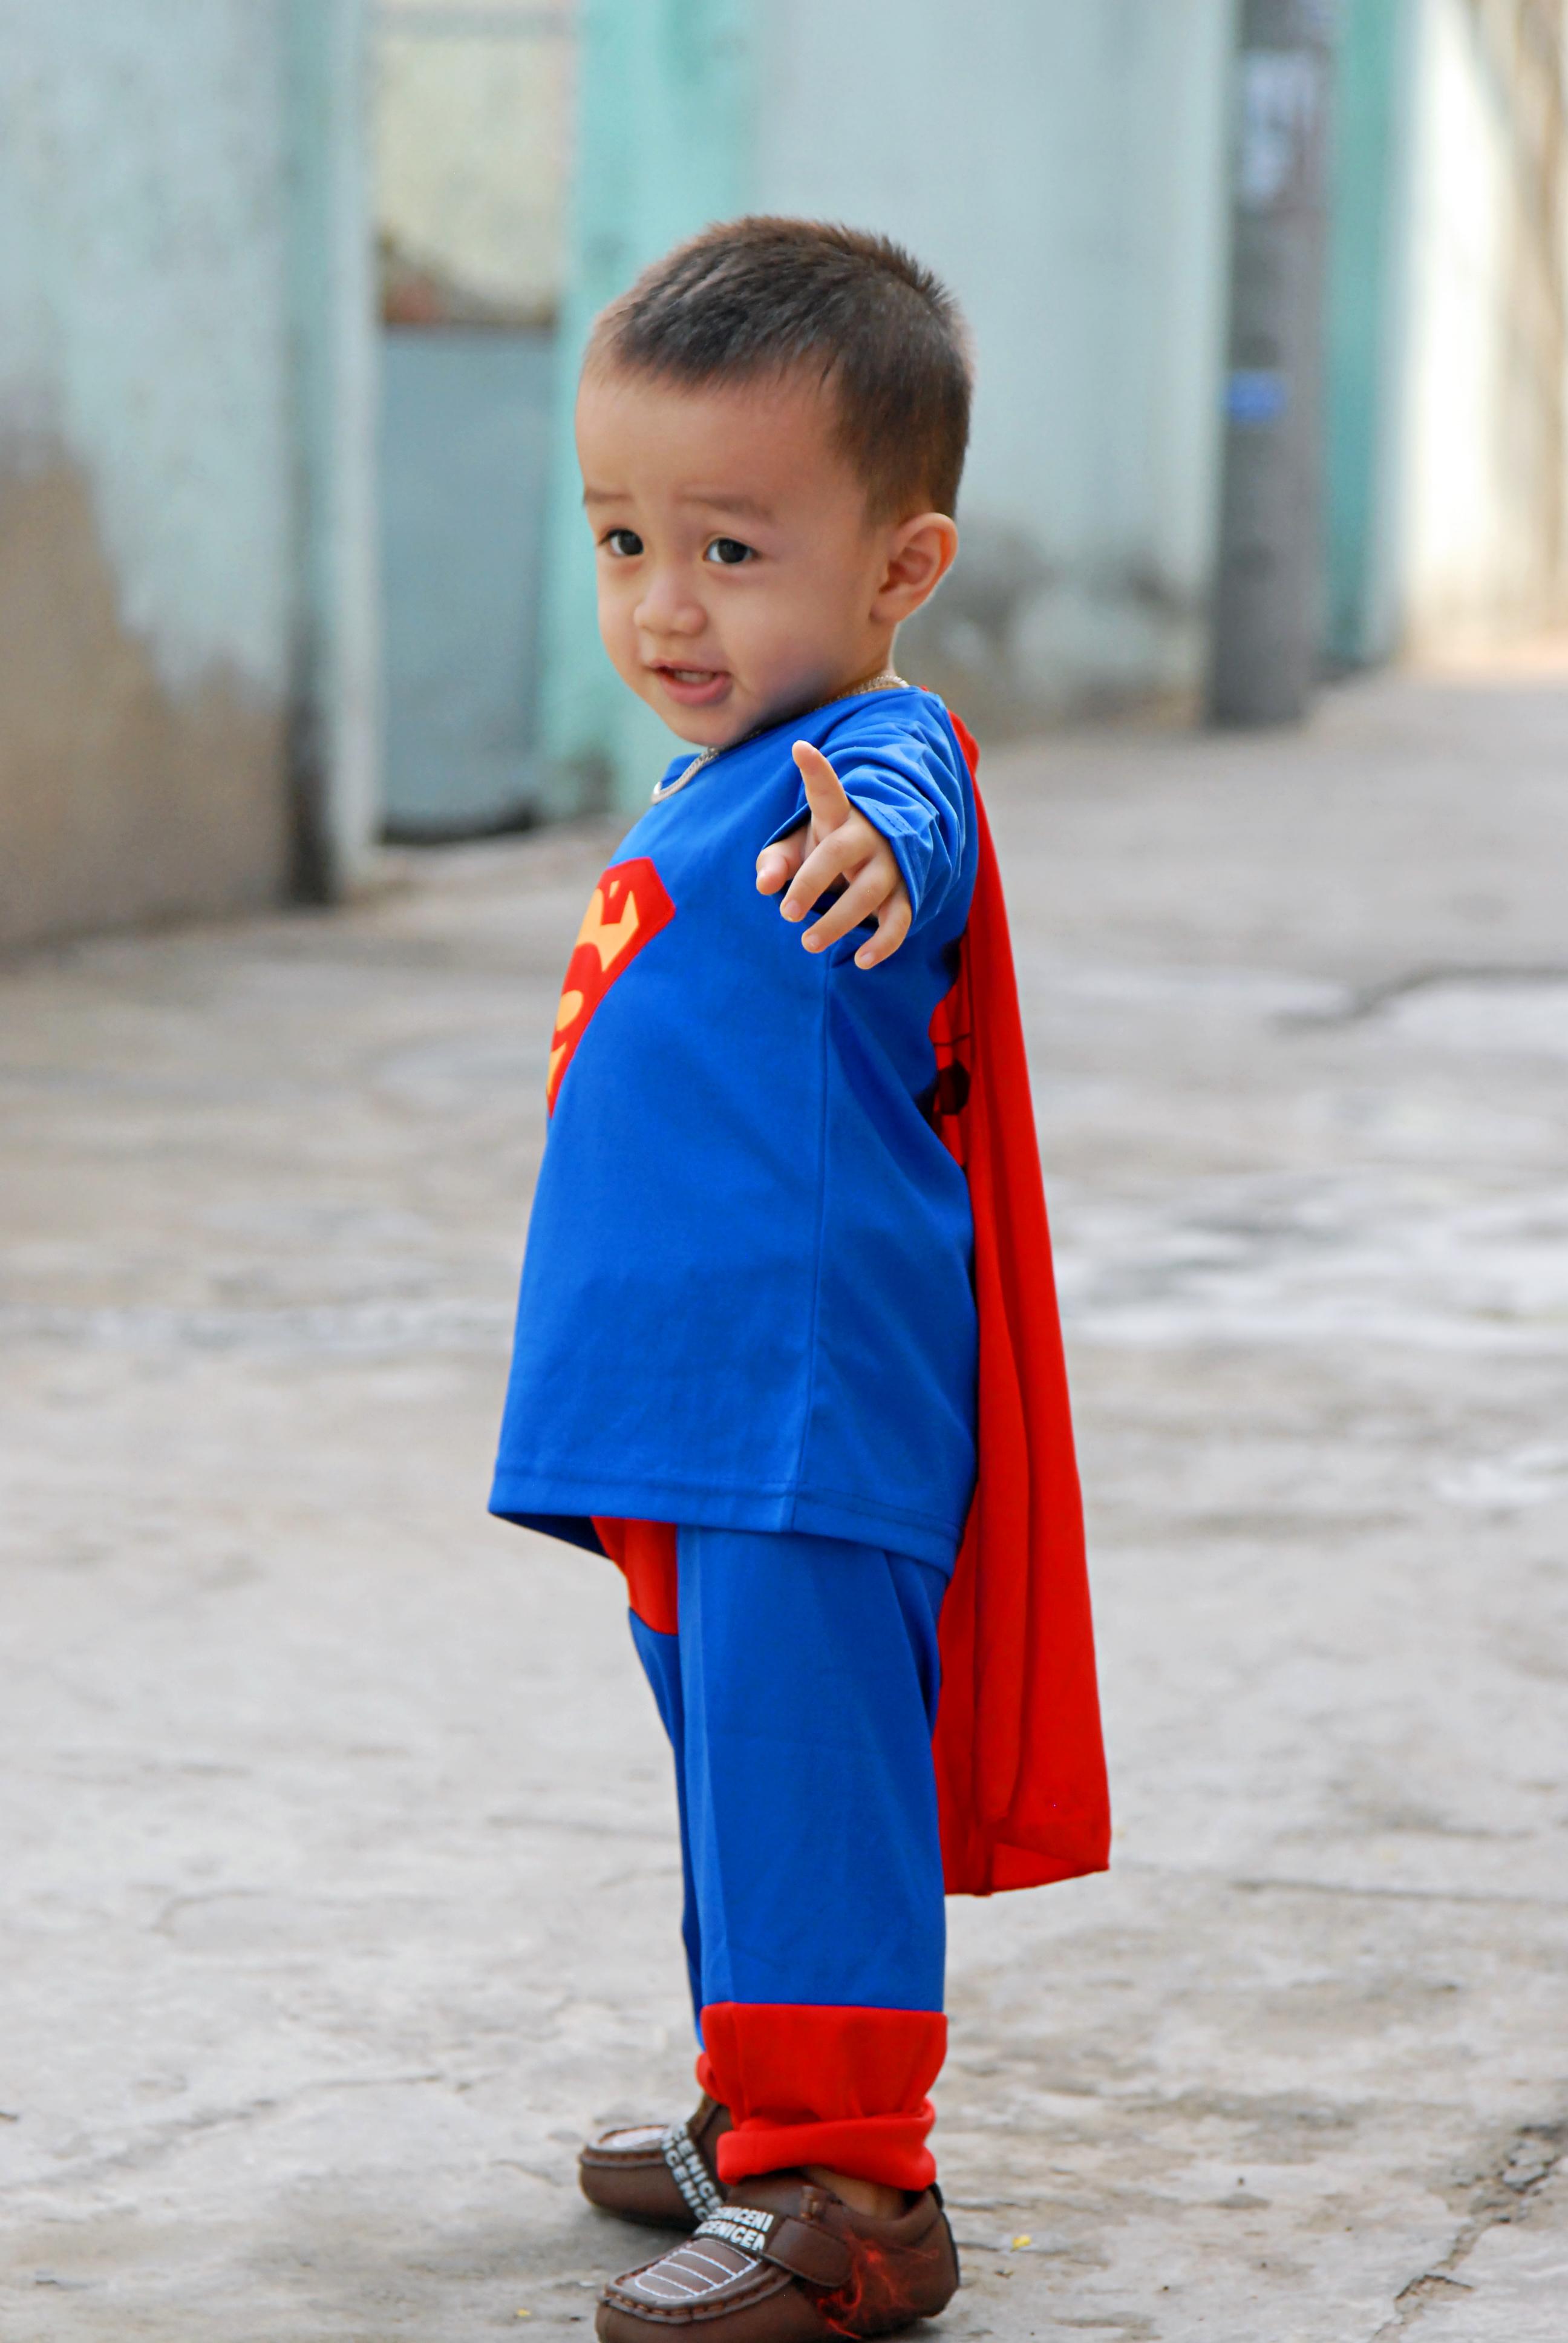 Hotboy subin biến hình Siêu nhân chửn bị đi cứu thế giới đây mẹ ah!